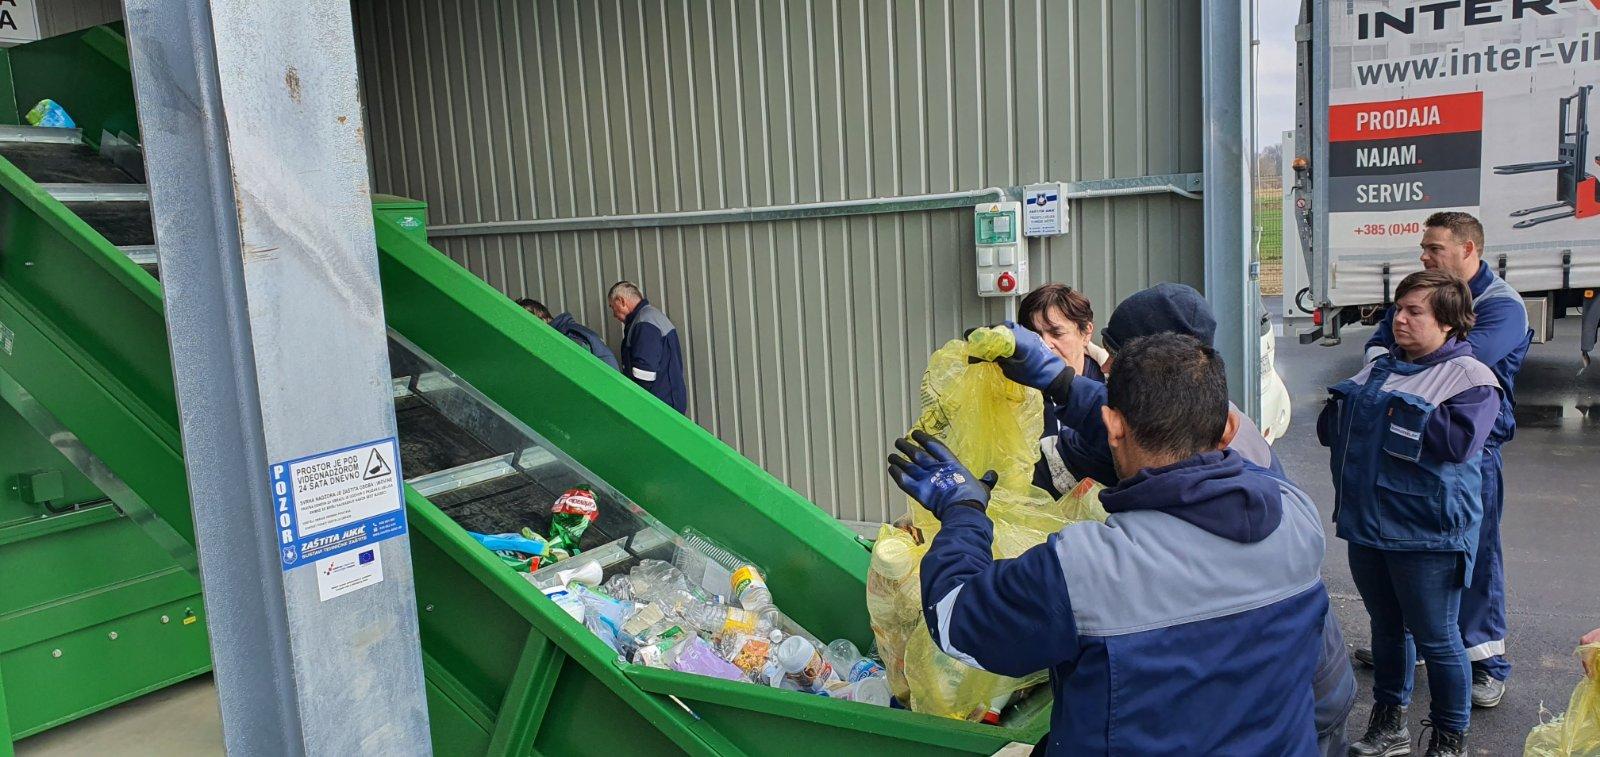 Djelatnici novog reciklažnog dvorišta u Herešinu educirali se za rad na novim strojevima